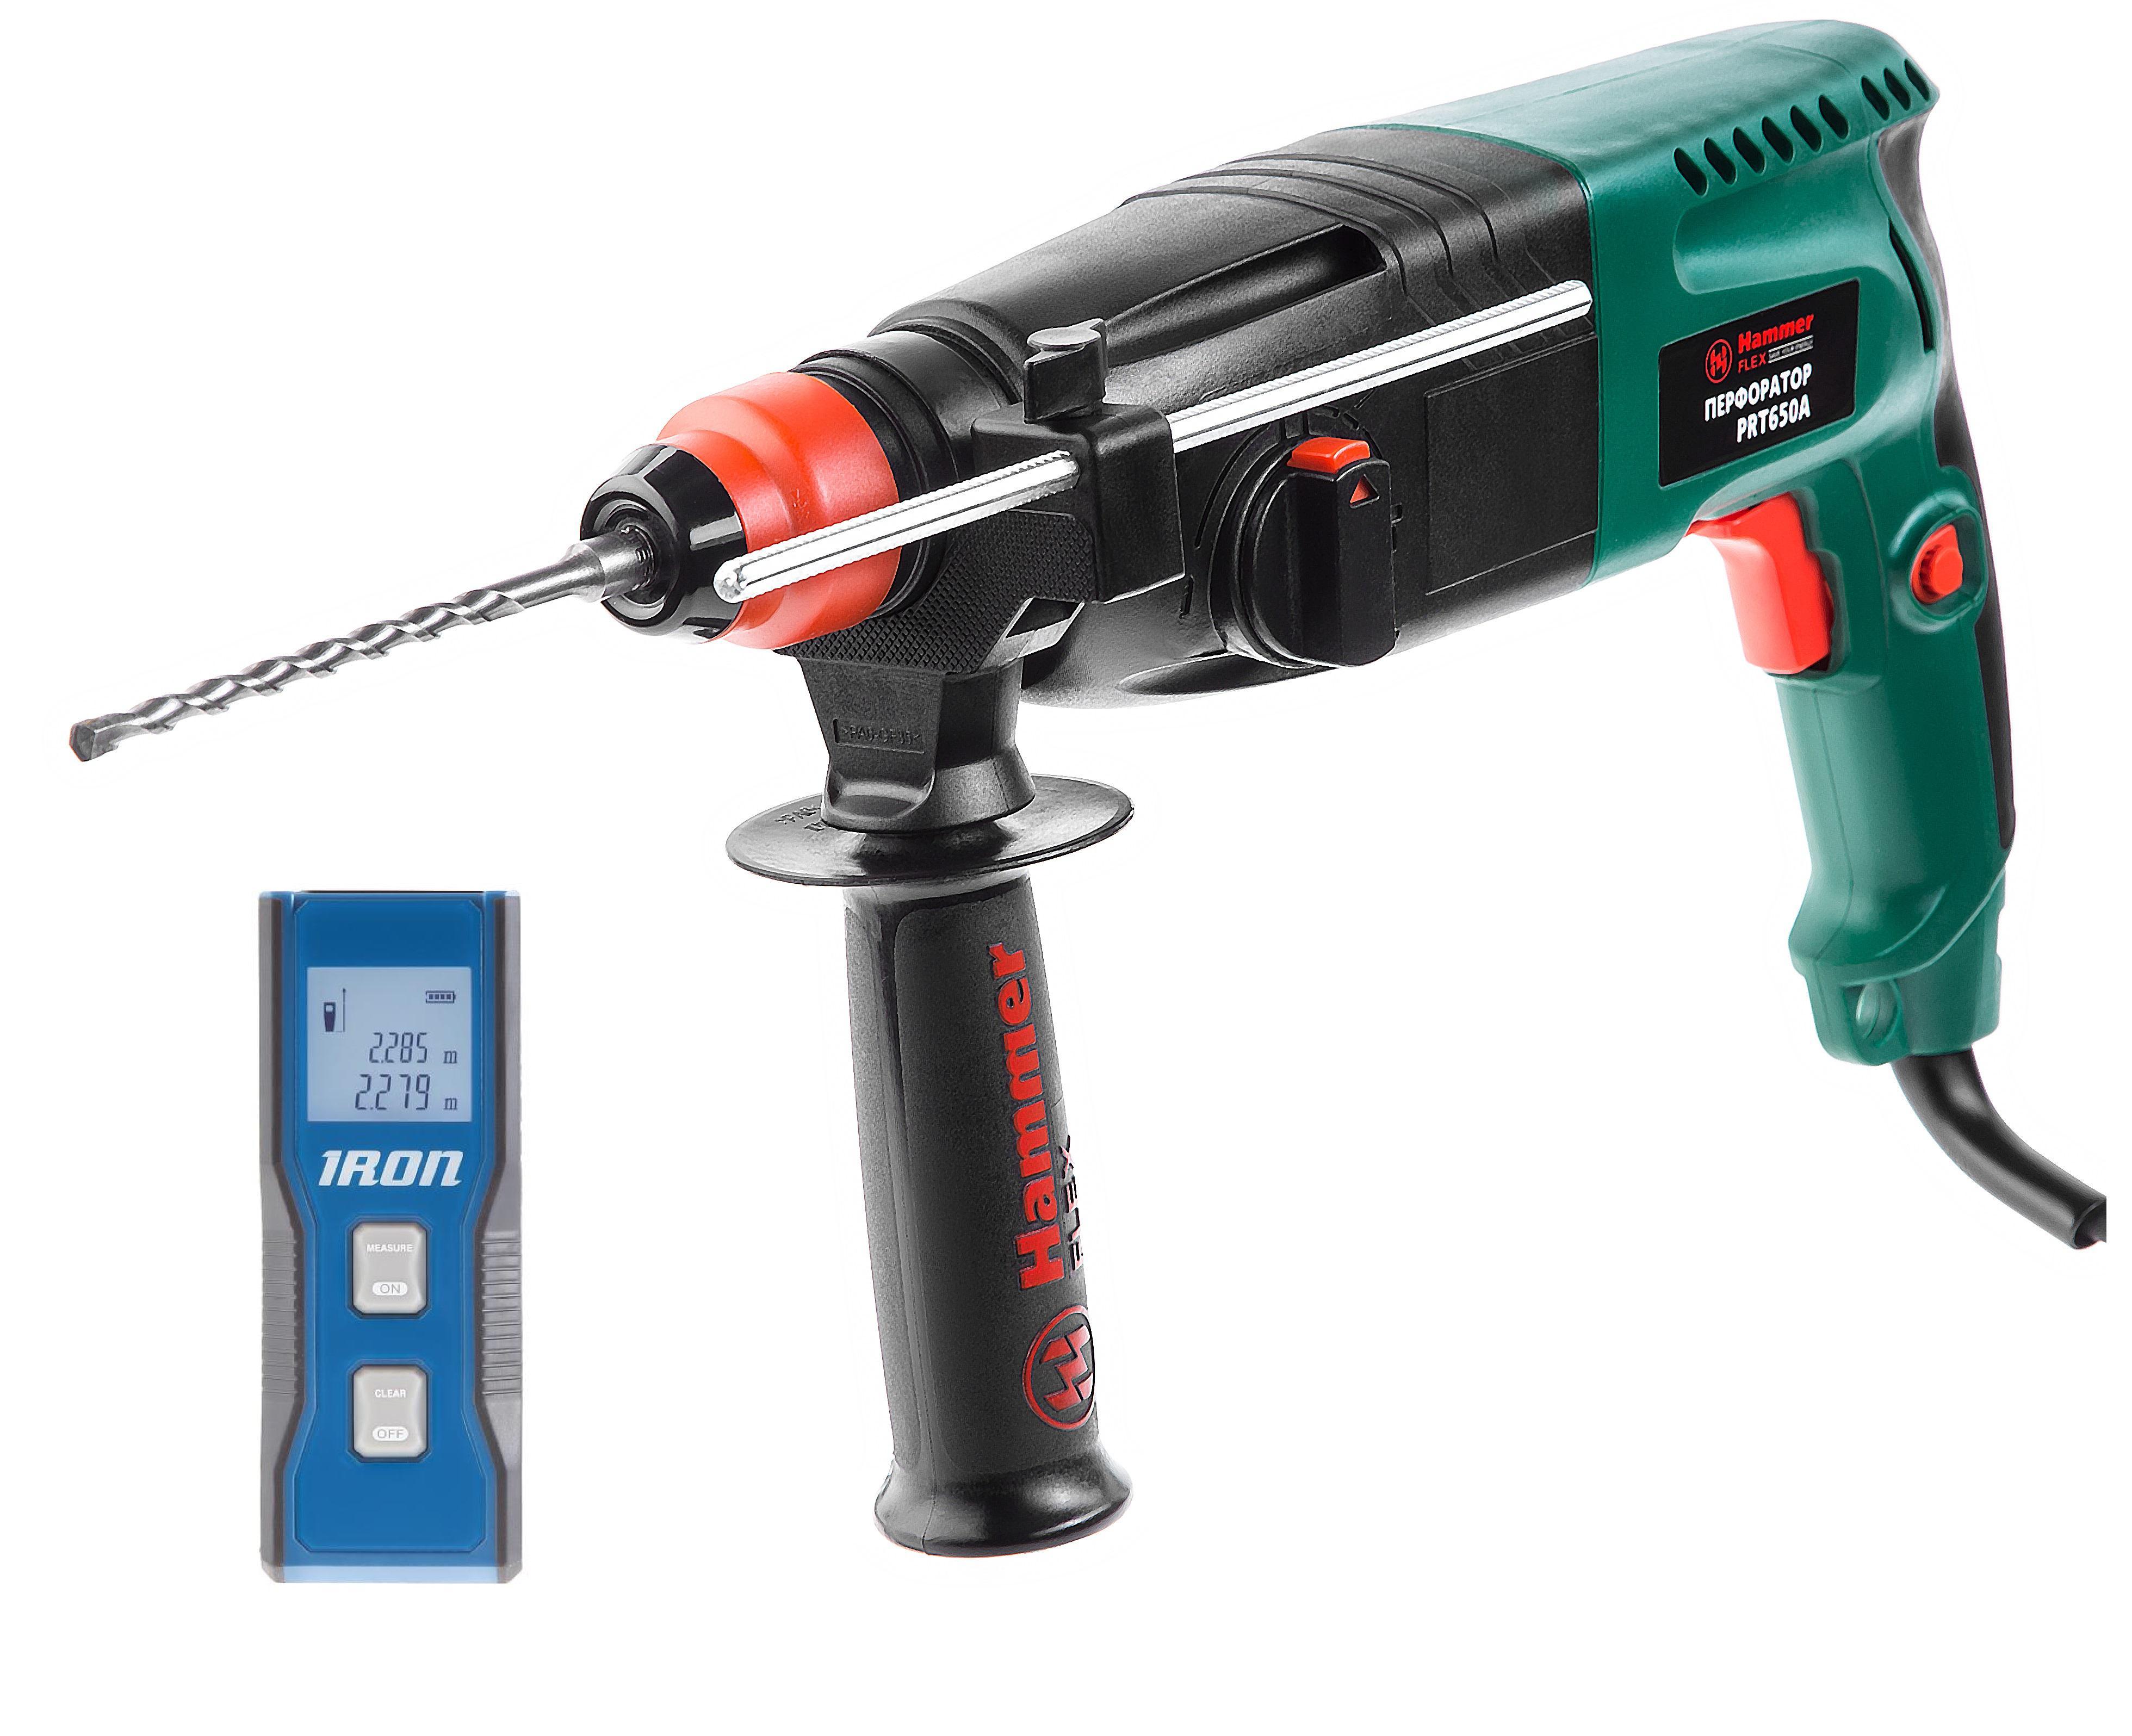 Набор Hammer перфоратор prt650a + дальномер iron la20 перфоратор hammer flex prt650a [29256]